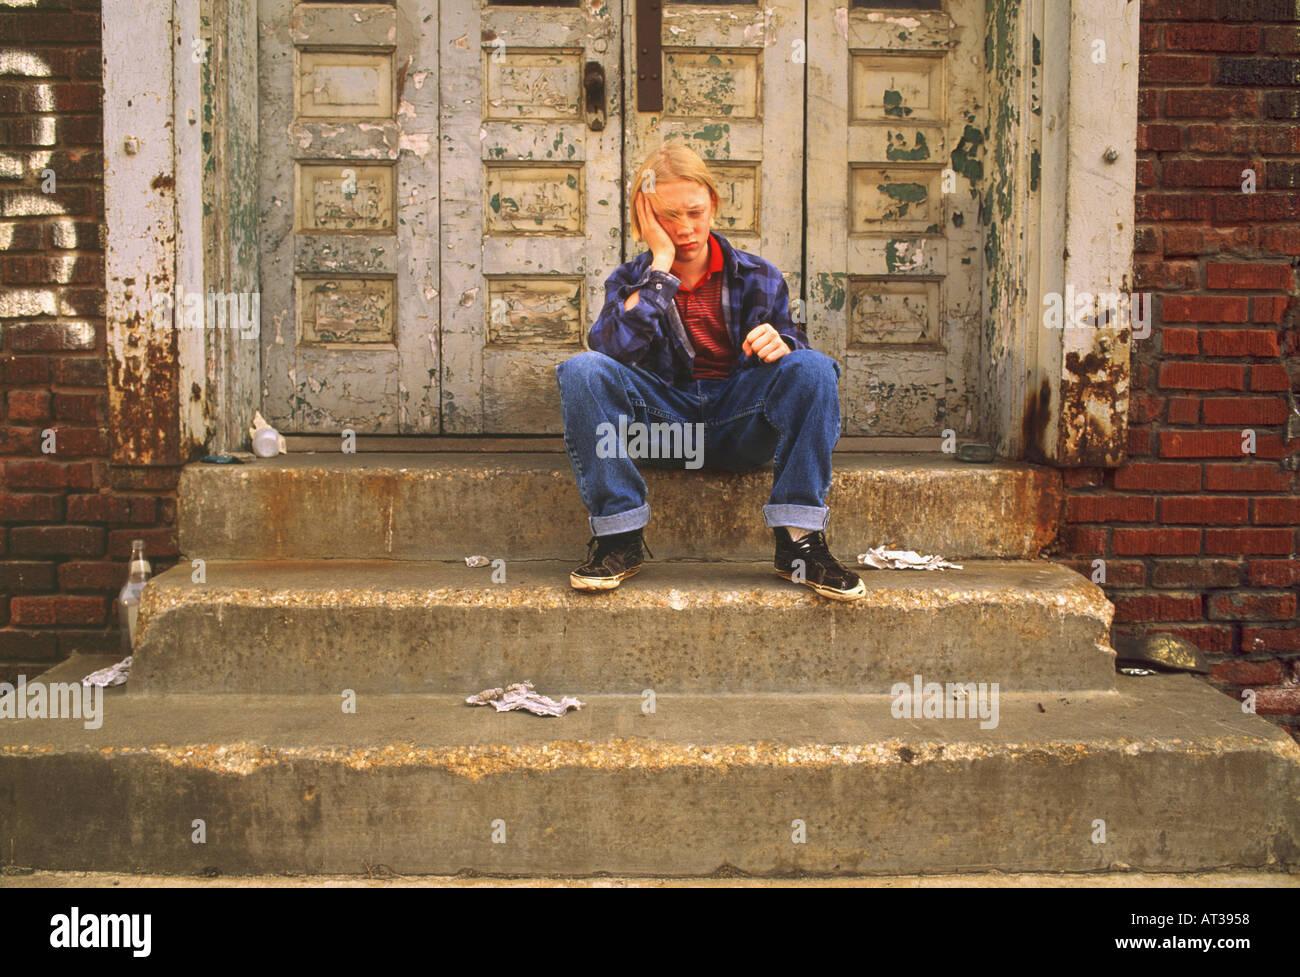 Triste runaway ragazzo seduto sui gradini di un abbandonato edificio urbano Immagini Stock